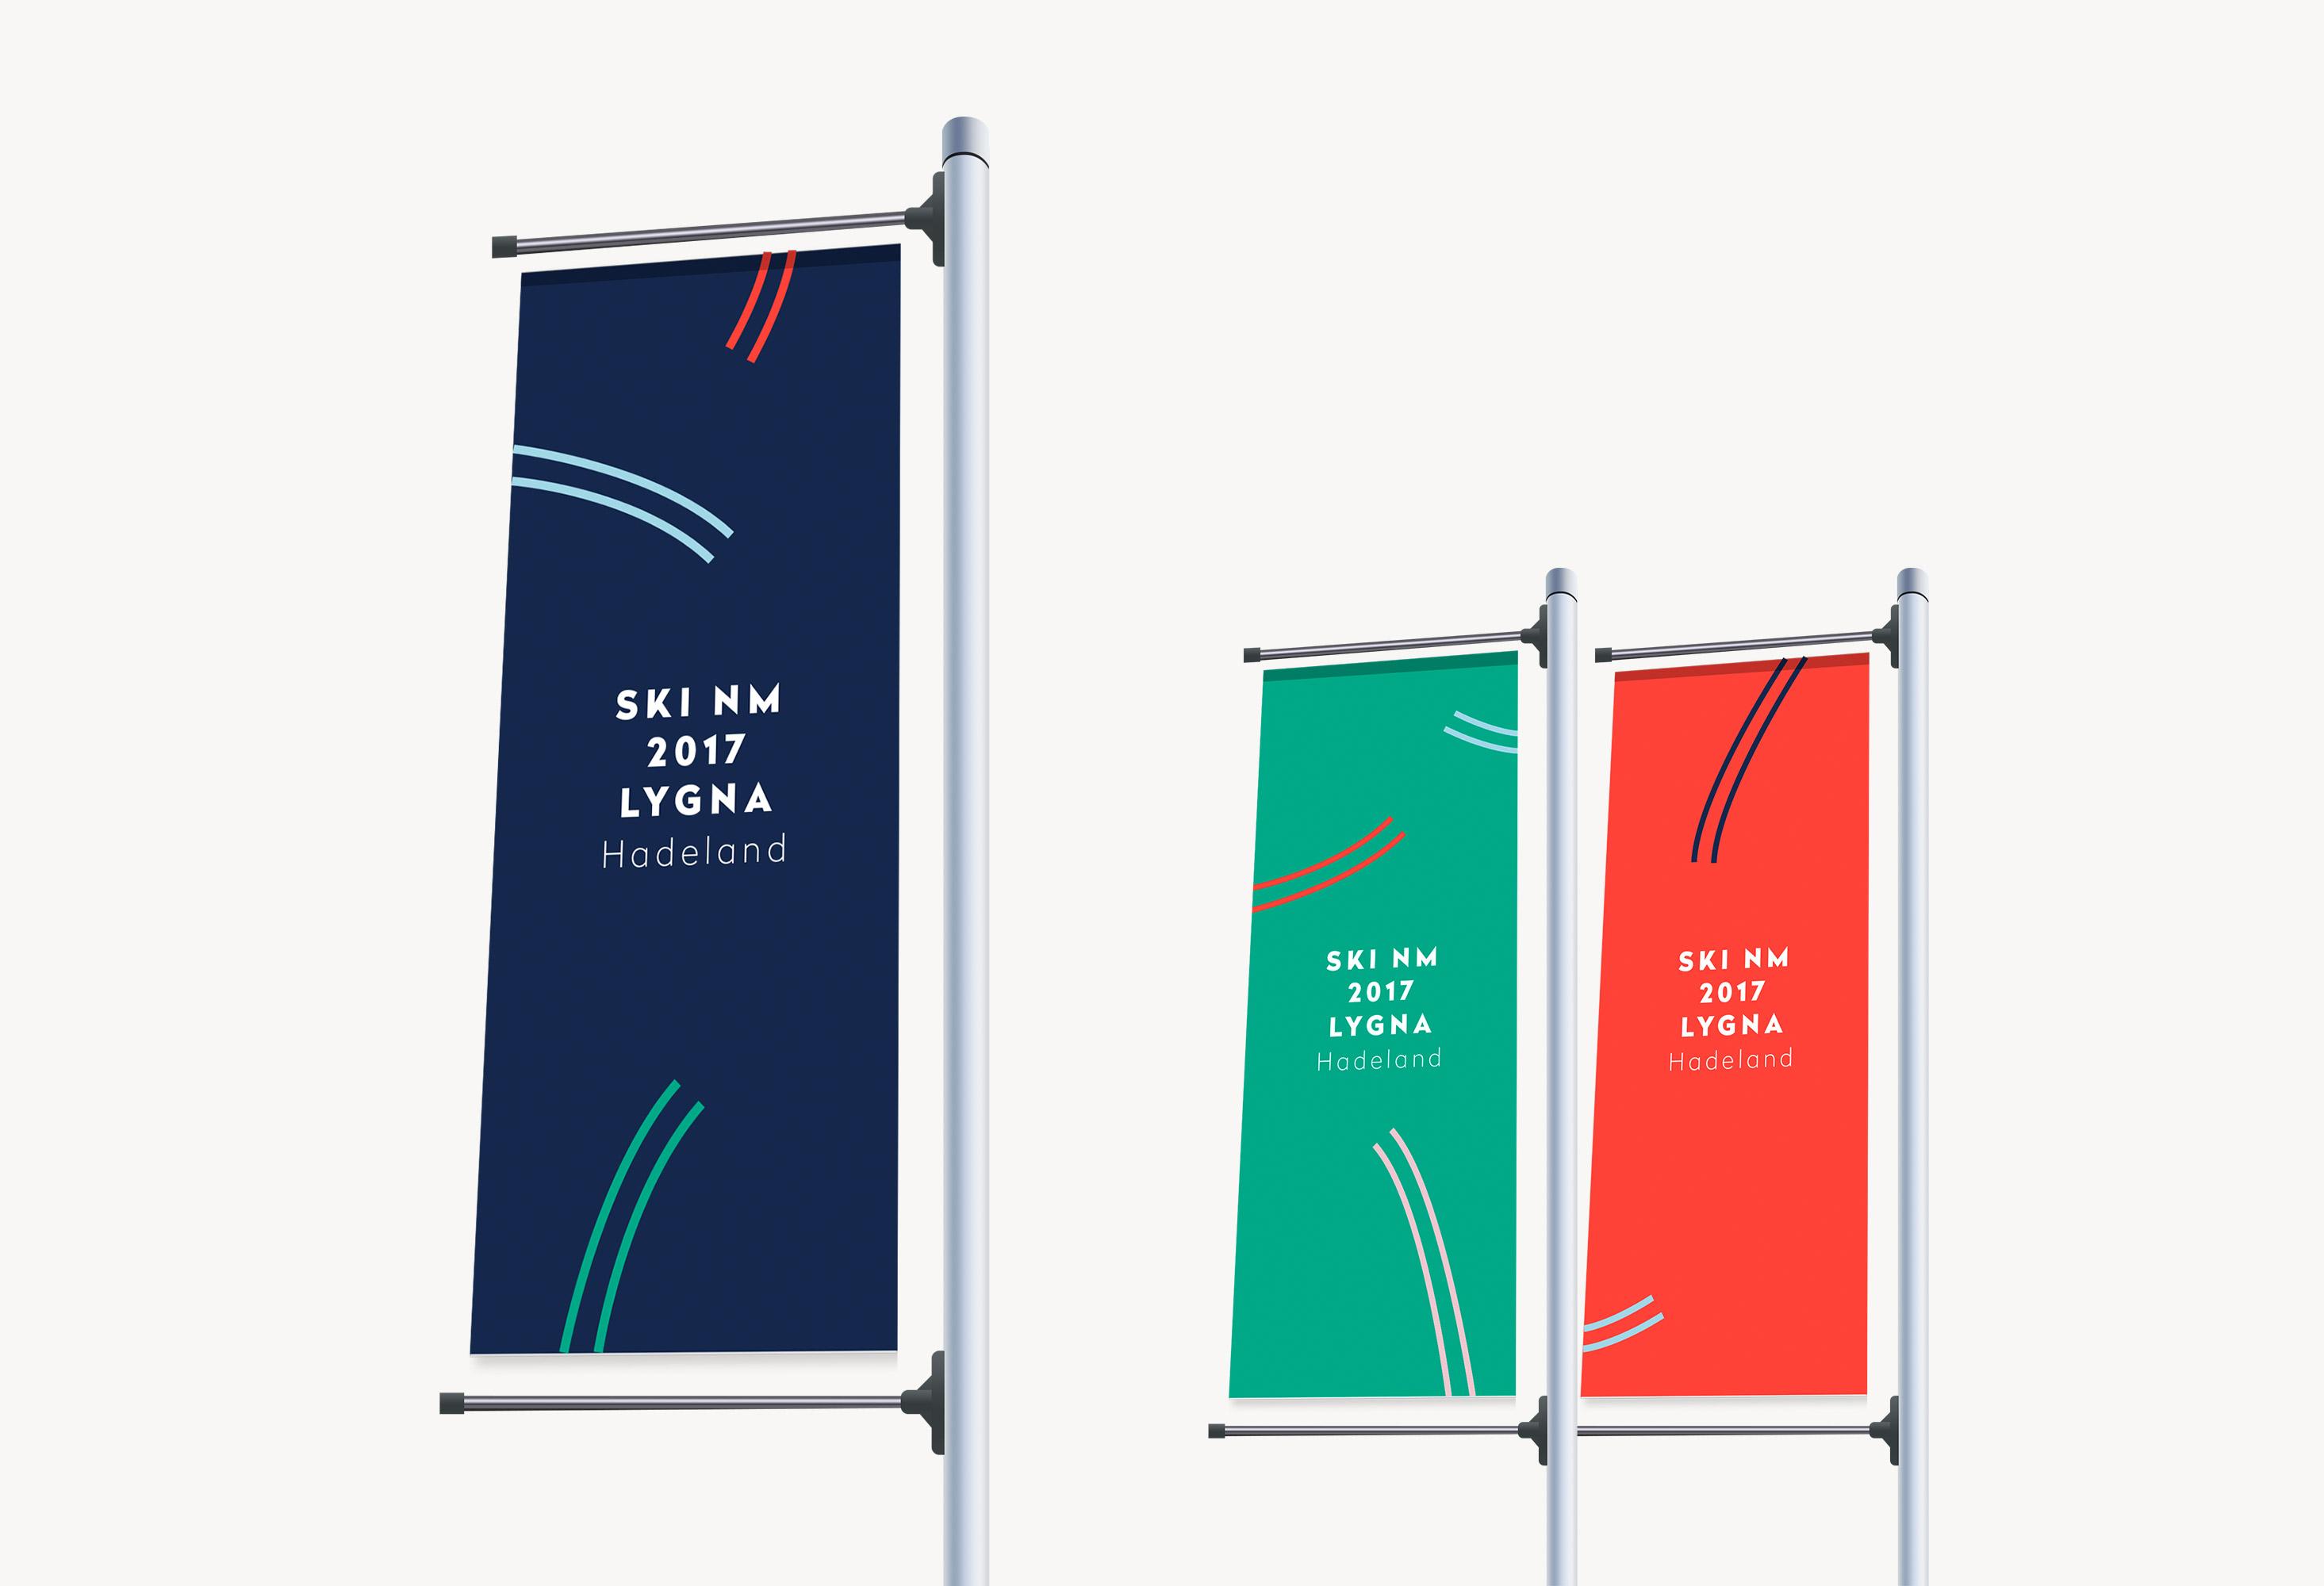 NM ski lygna 2017 banner